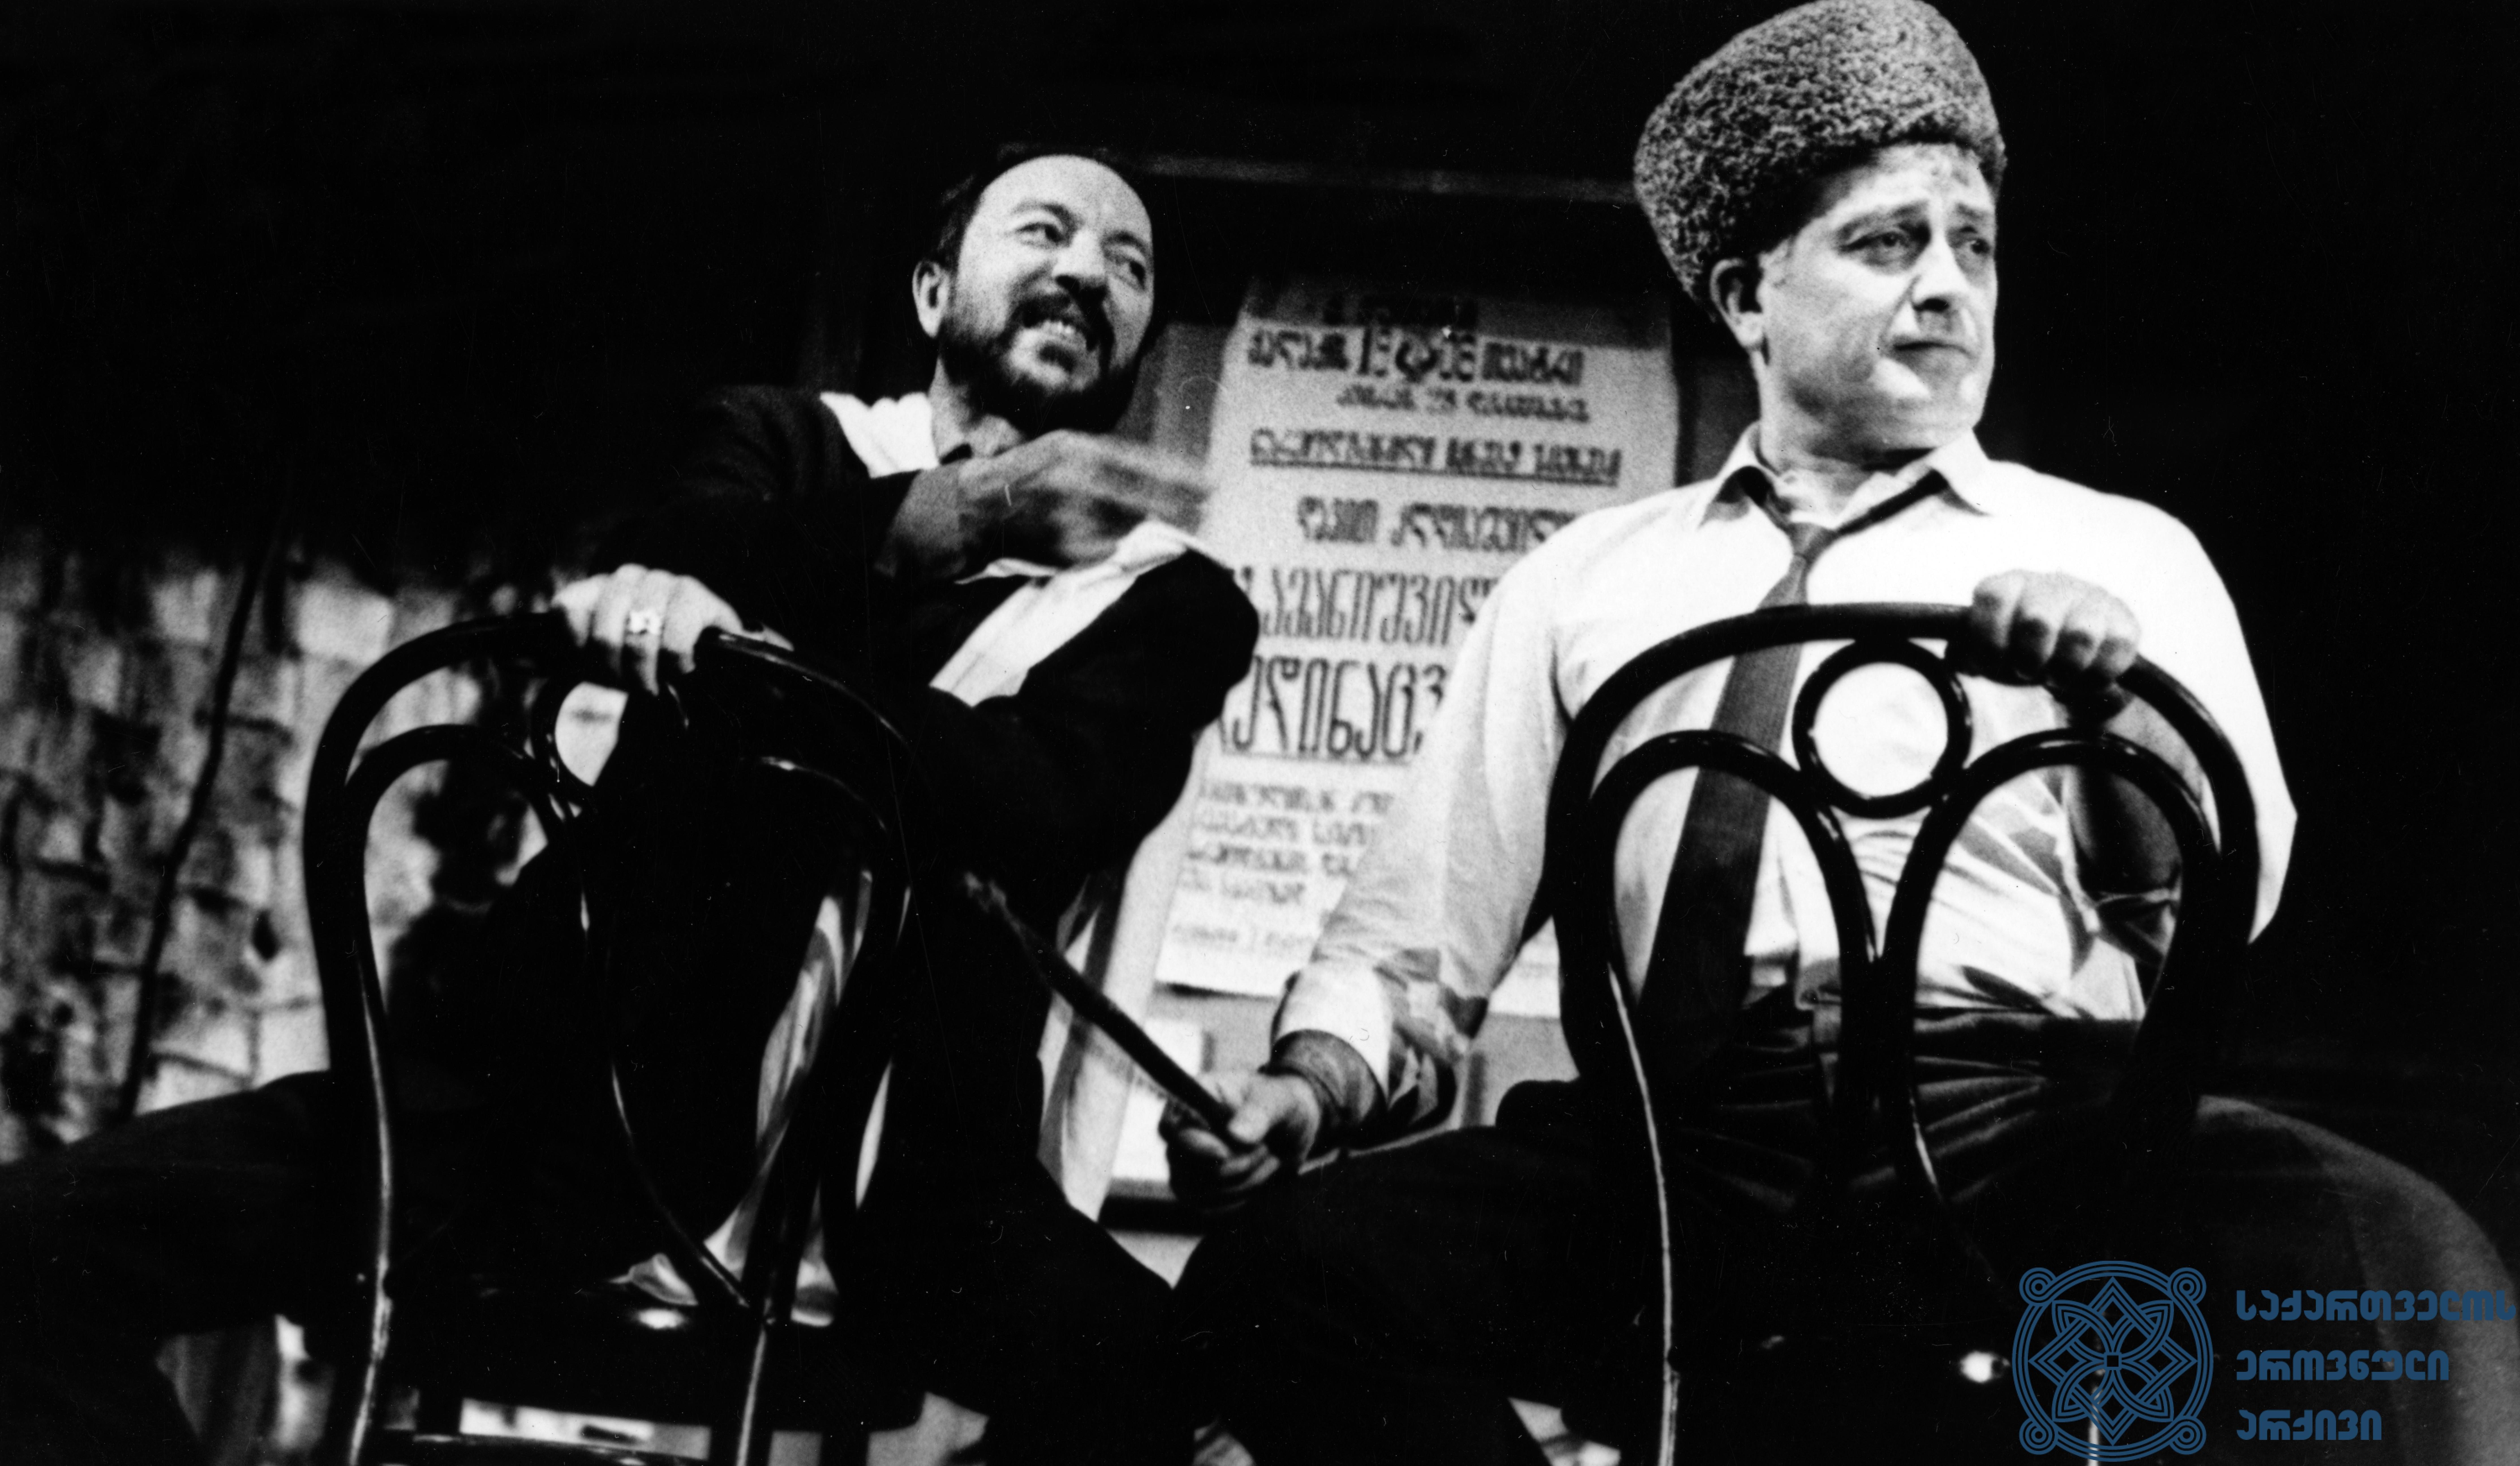 """რუსთაველის სახელობის აკადემიური თეატრის სპექტაკლი """"სამანიშვილის დედინაცვალი"""". პლატონი – გოგი გეგეჭკორი, კირილე – რამაზ ჩხიკვაძე.<br> 1969 წელი. <br> The Rustaveli Academic Theater play """"Samanishvili's Stepmother"""". Gogi Gegechkori as Platoni, Ramaz Chkhikvadze as Kirile.<br> 1969."""